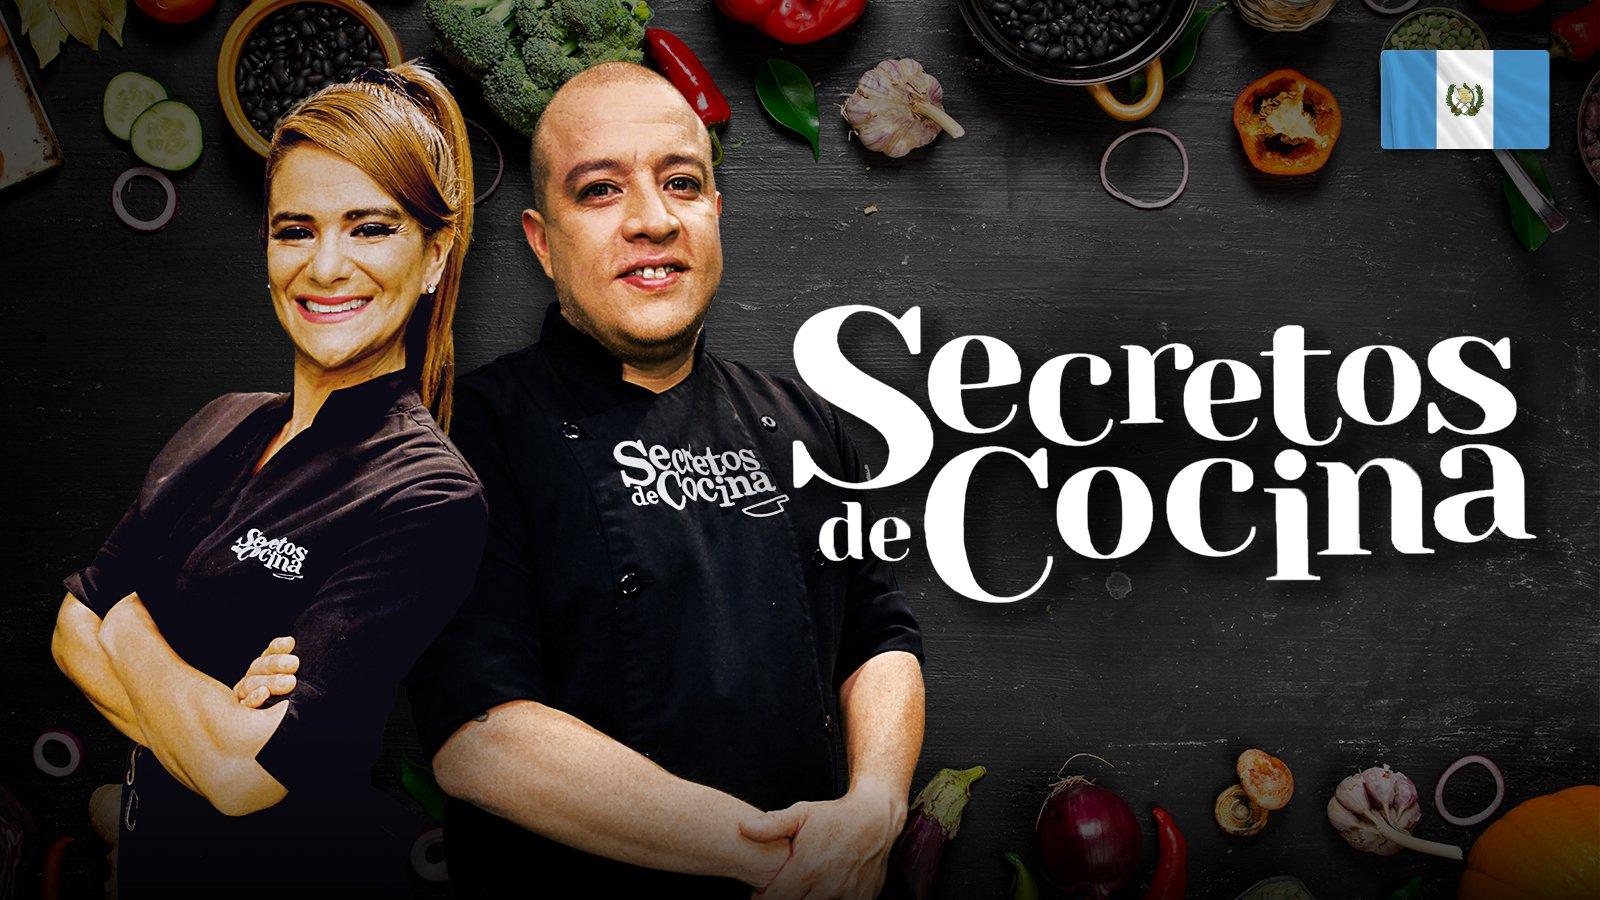 Secretos de Cocina poster